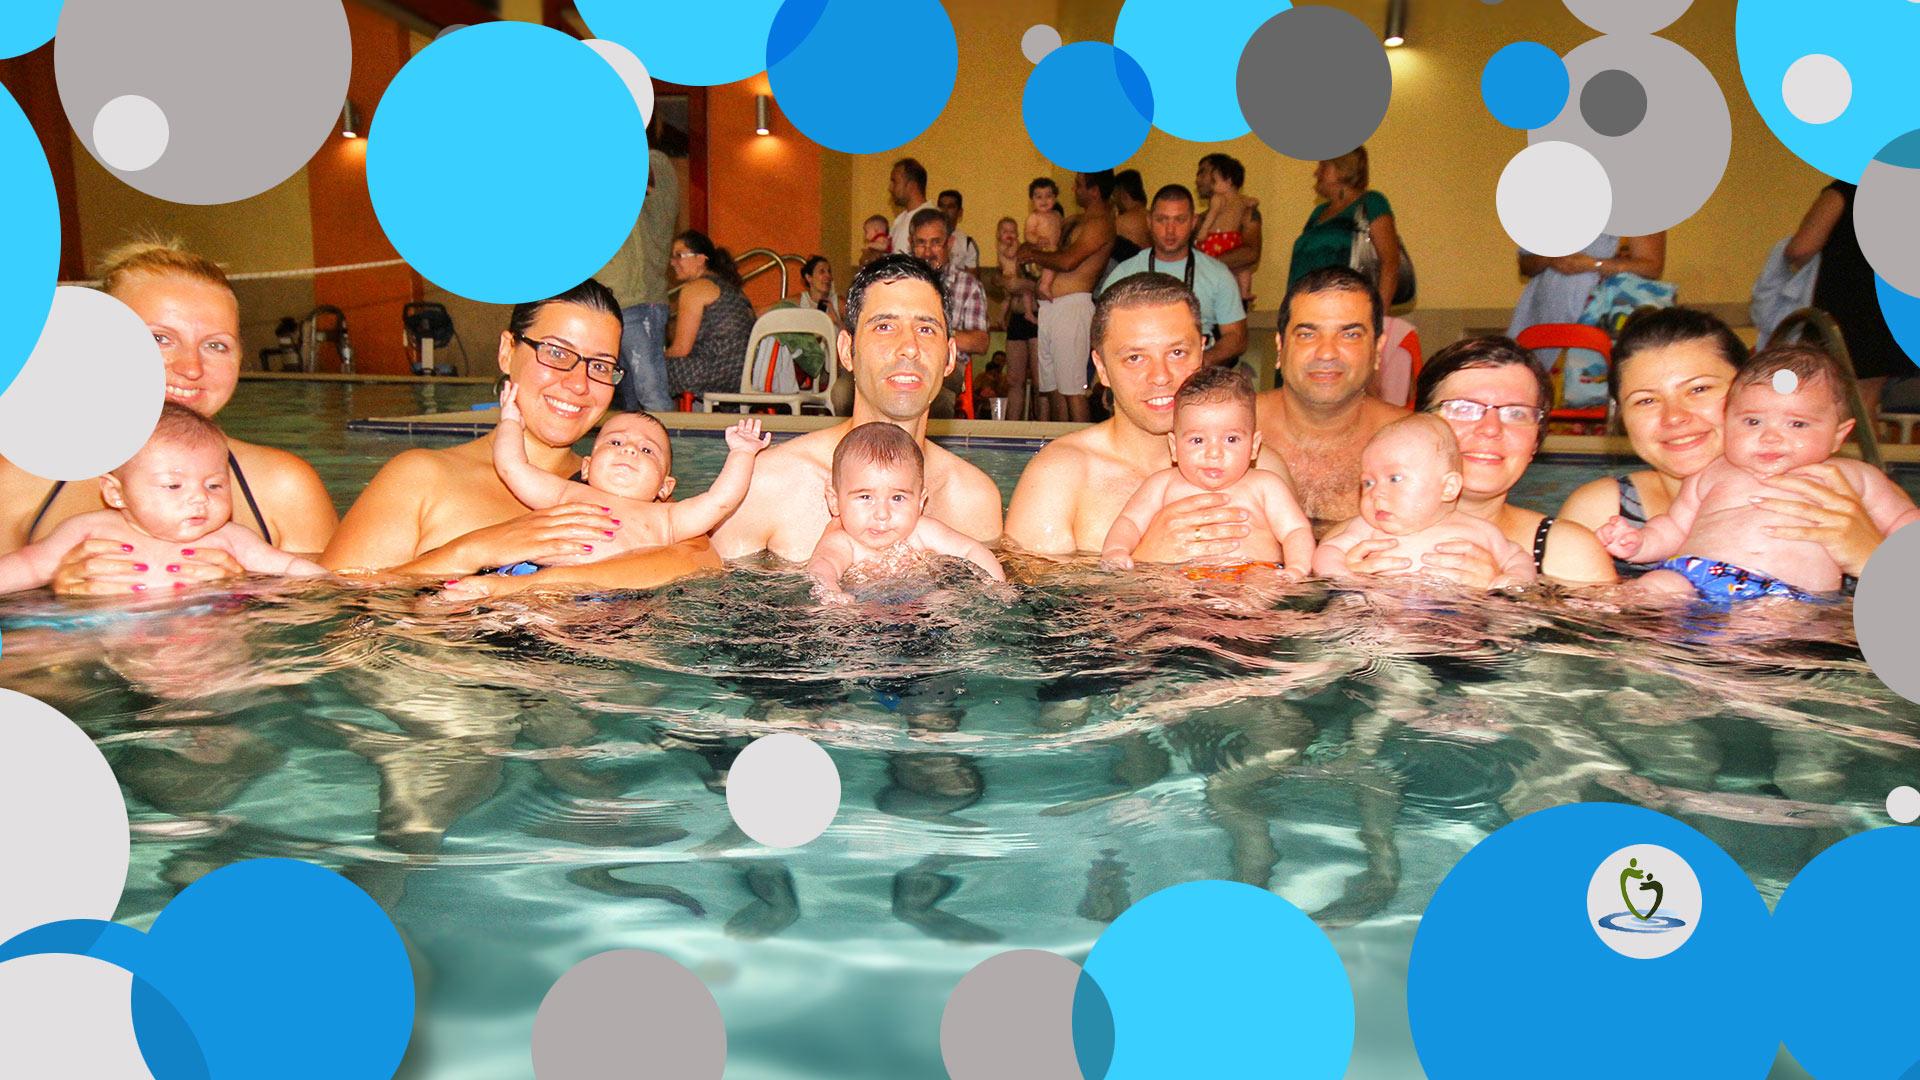 שחיית תינוקות בחורף? ניפוץ 4 מיתוסים ויתרונות שאולי לא ידעתם על הבריכה לפעוטות באשדוד